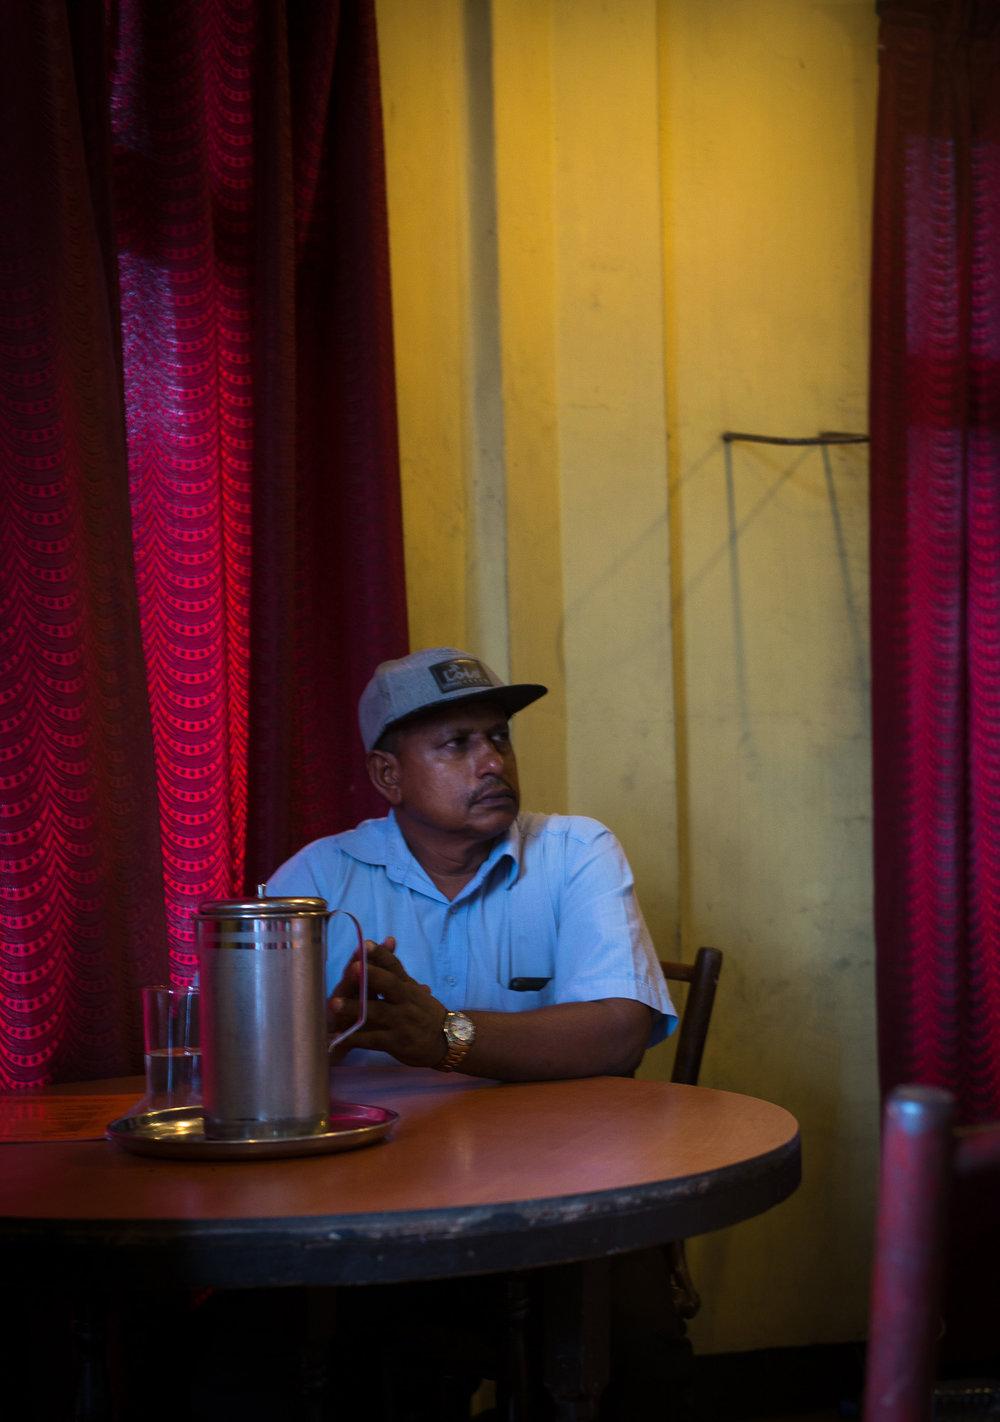 Kandy Muslim Hotel, Kandy, Central Province